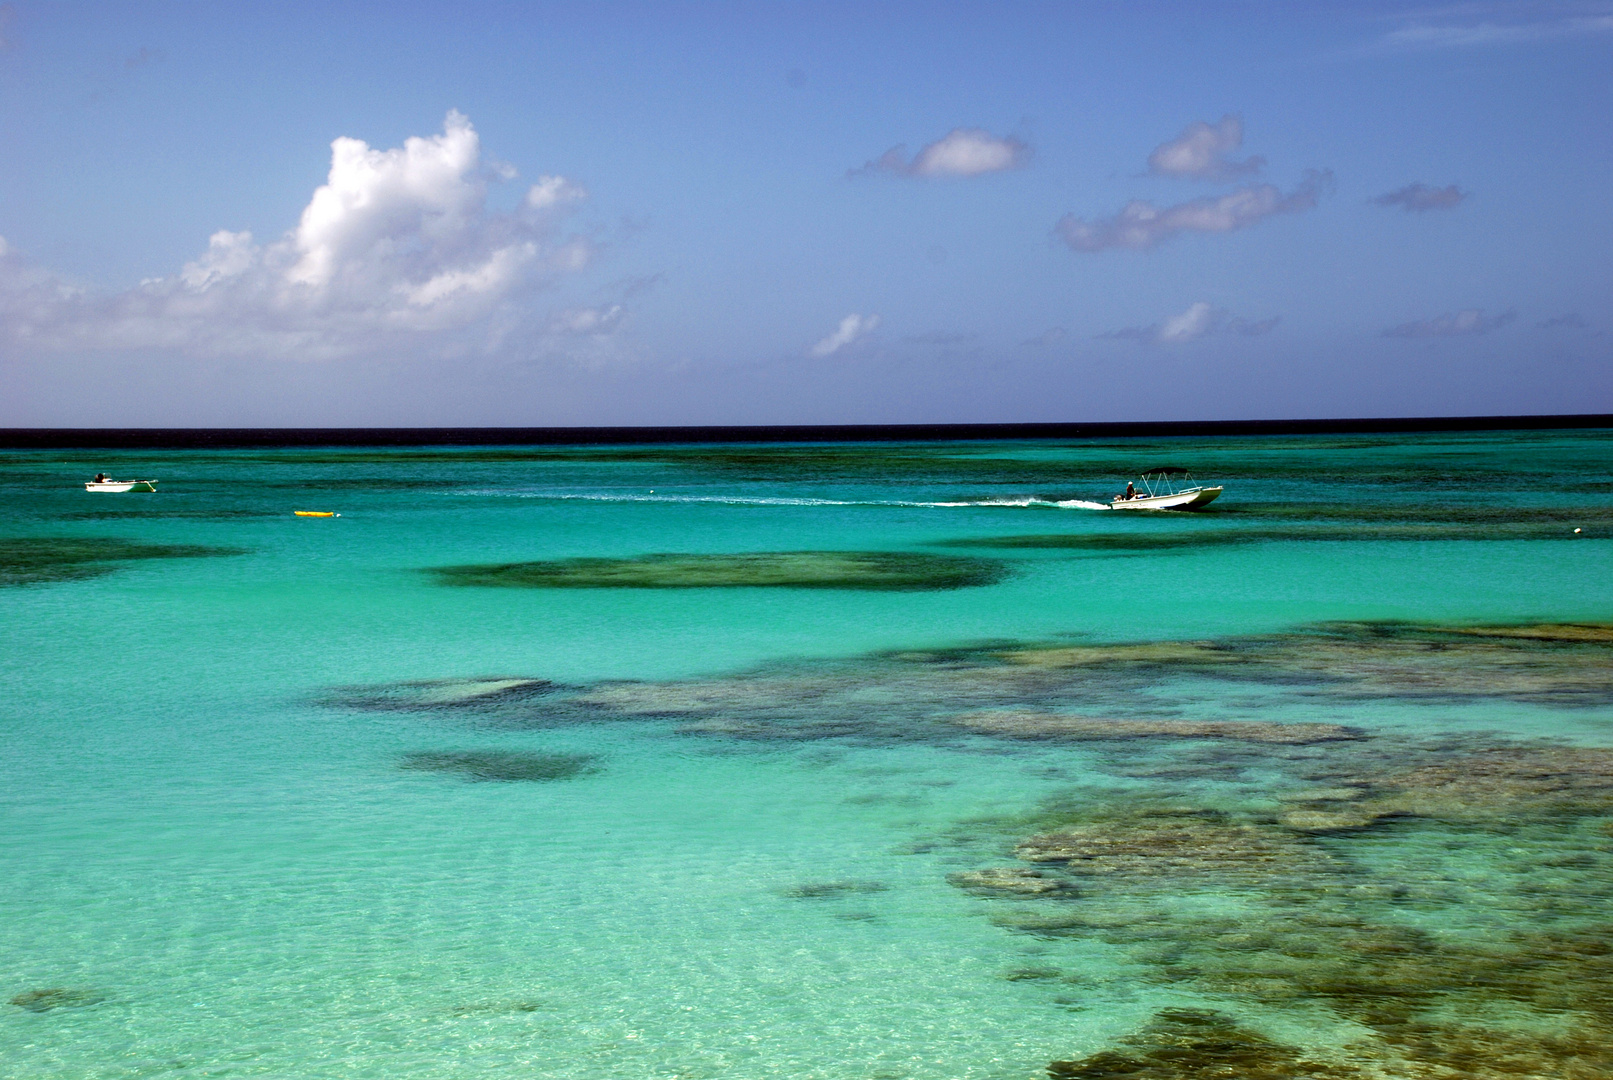 sch nes meer in der karibik foto bild himmel universum blaue stunde natur bilder auf. Black Bedroom Furniture Sets. Home Design Ideas